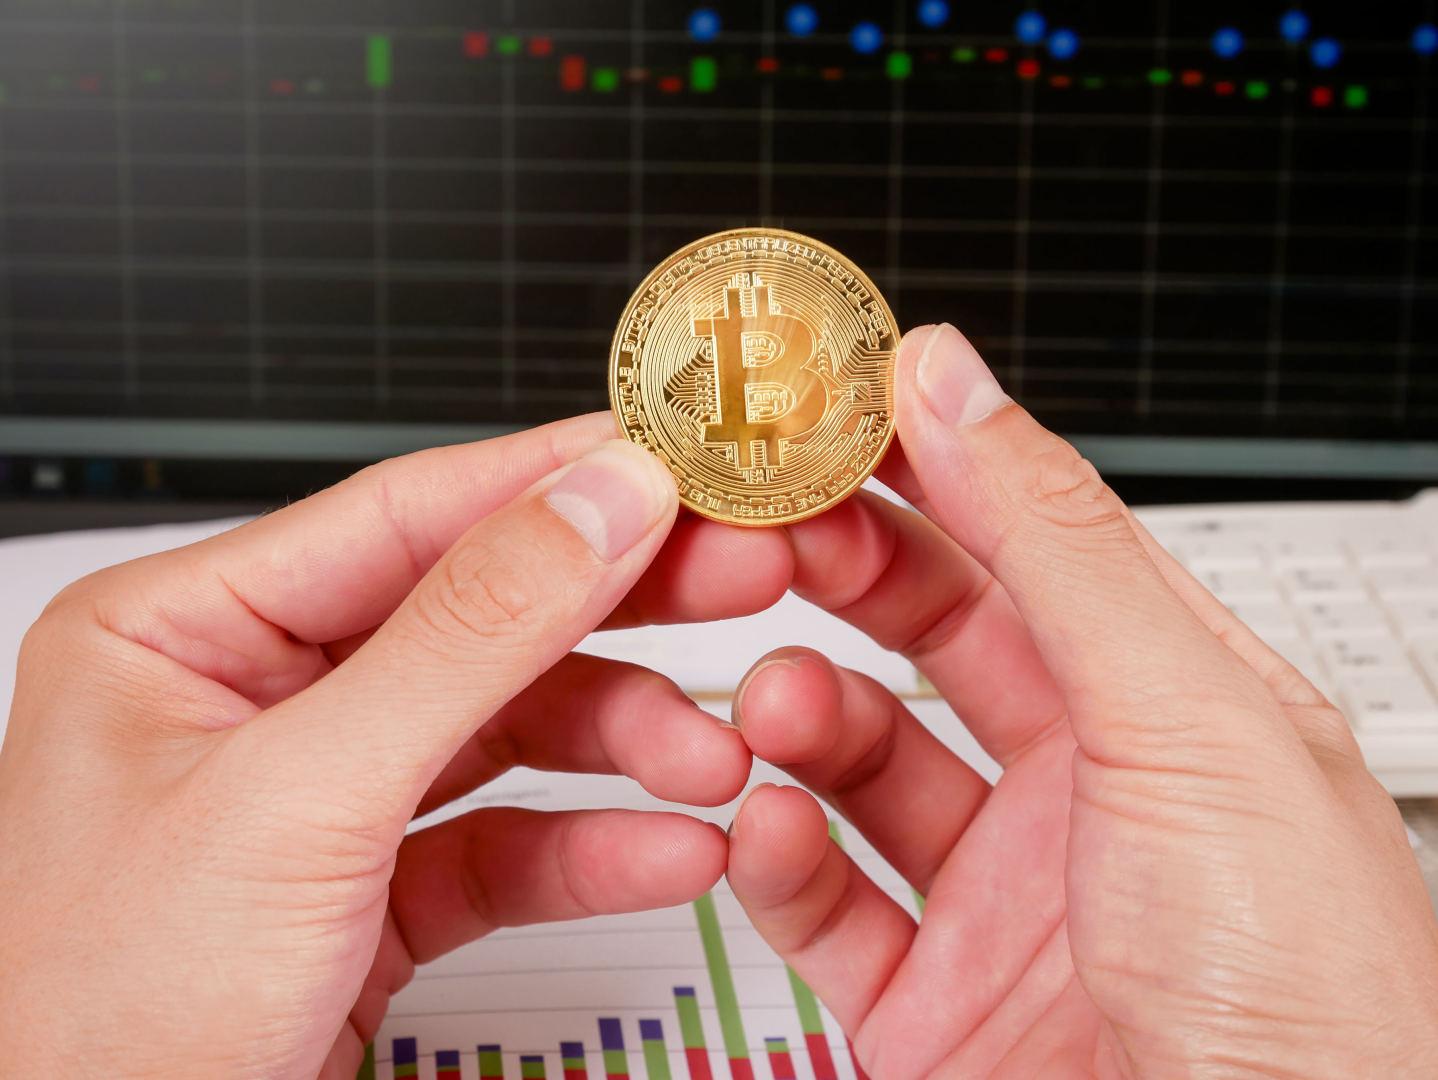 pirkti bitcoins be grynųjų pinigų